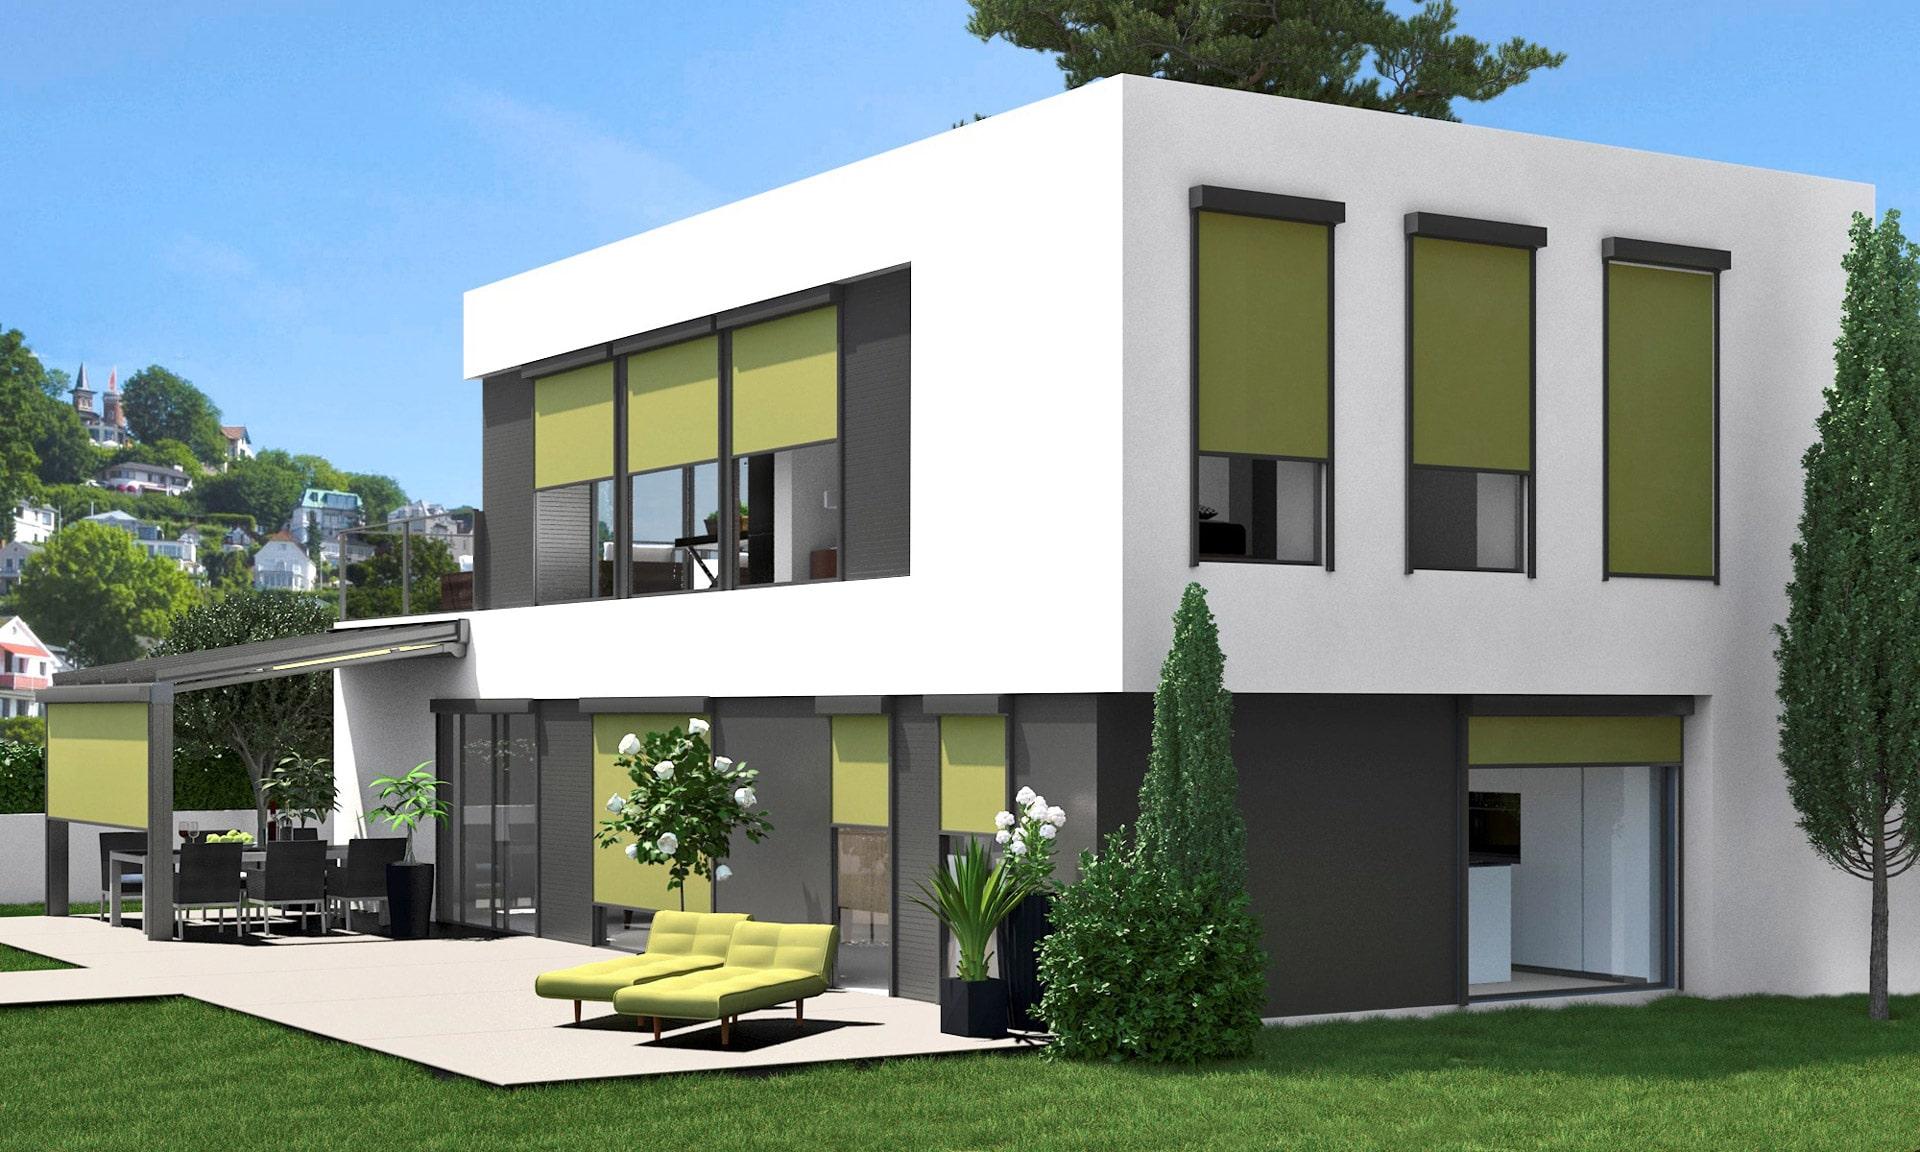 Z 05 a   Senkrechte grüne Sonnenschutz Markisen auf Fenstern bei modernem weiß-grauen Haus   Svoboda